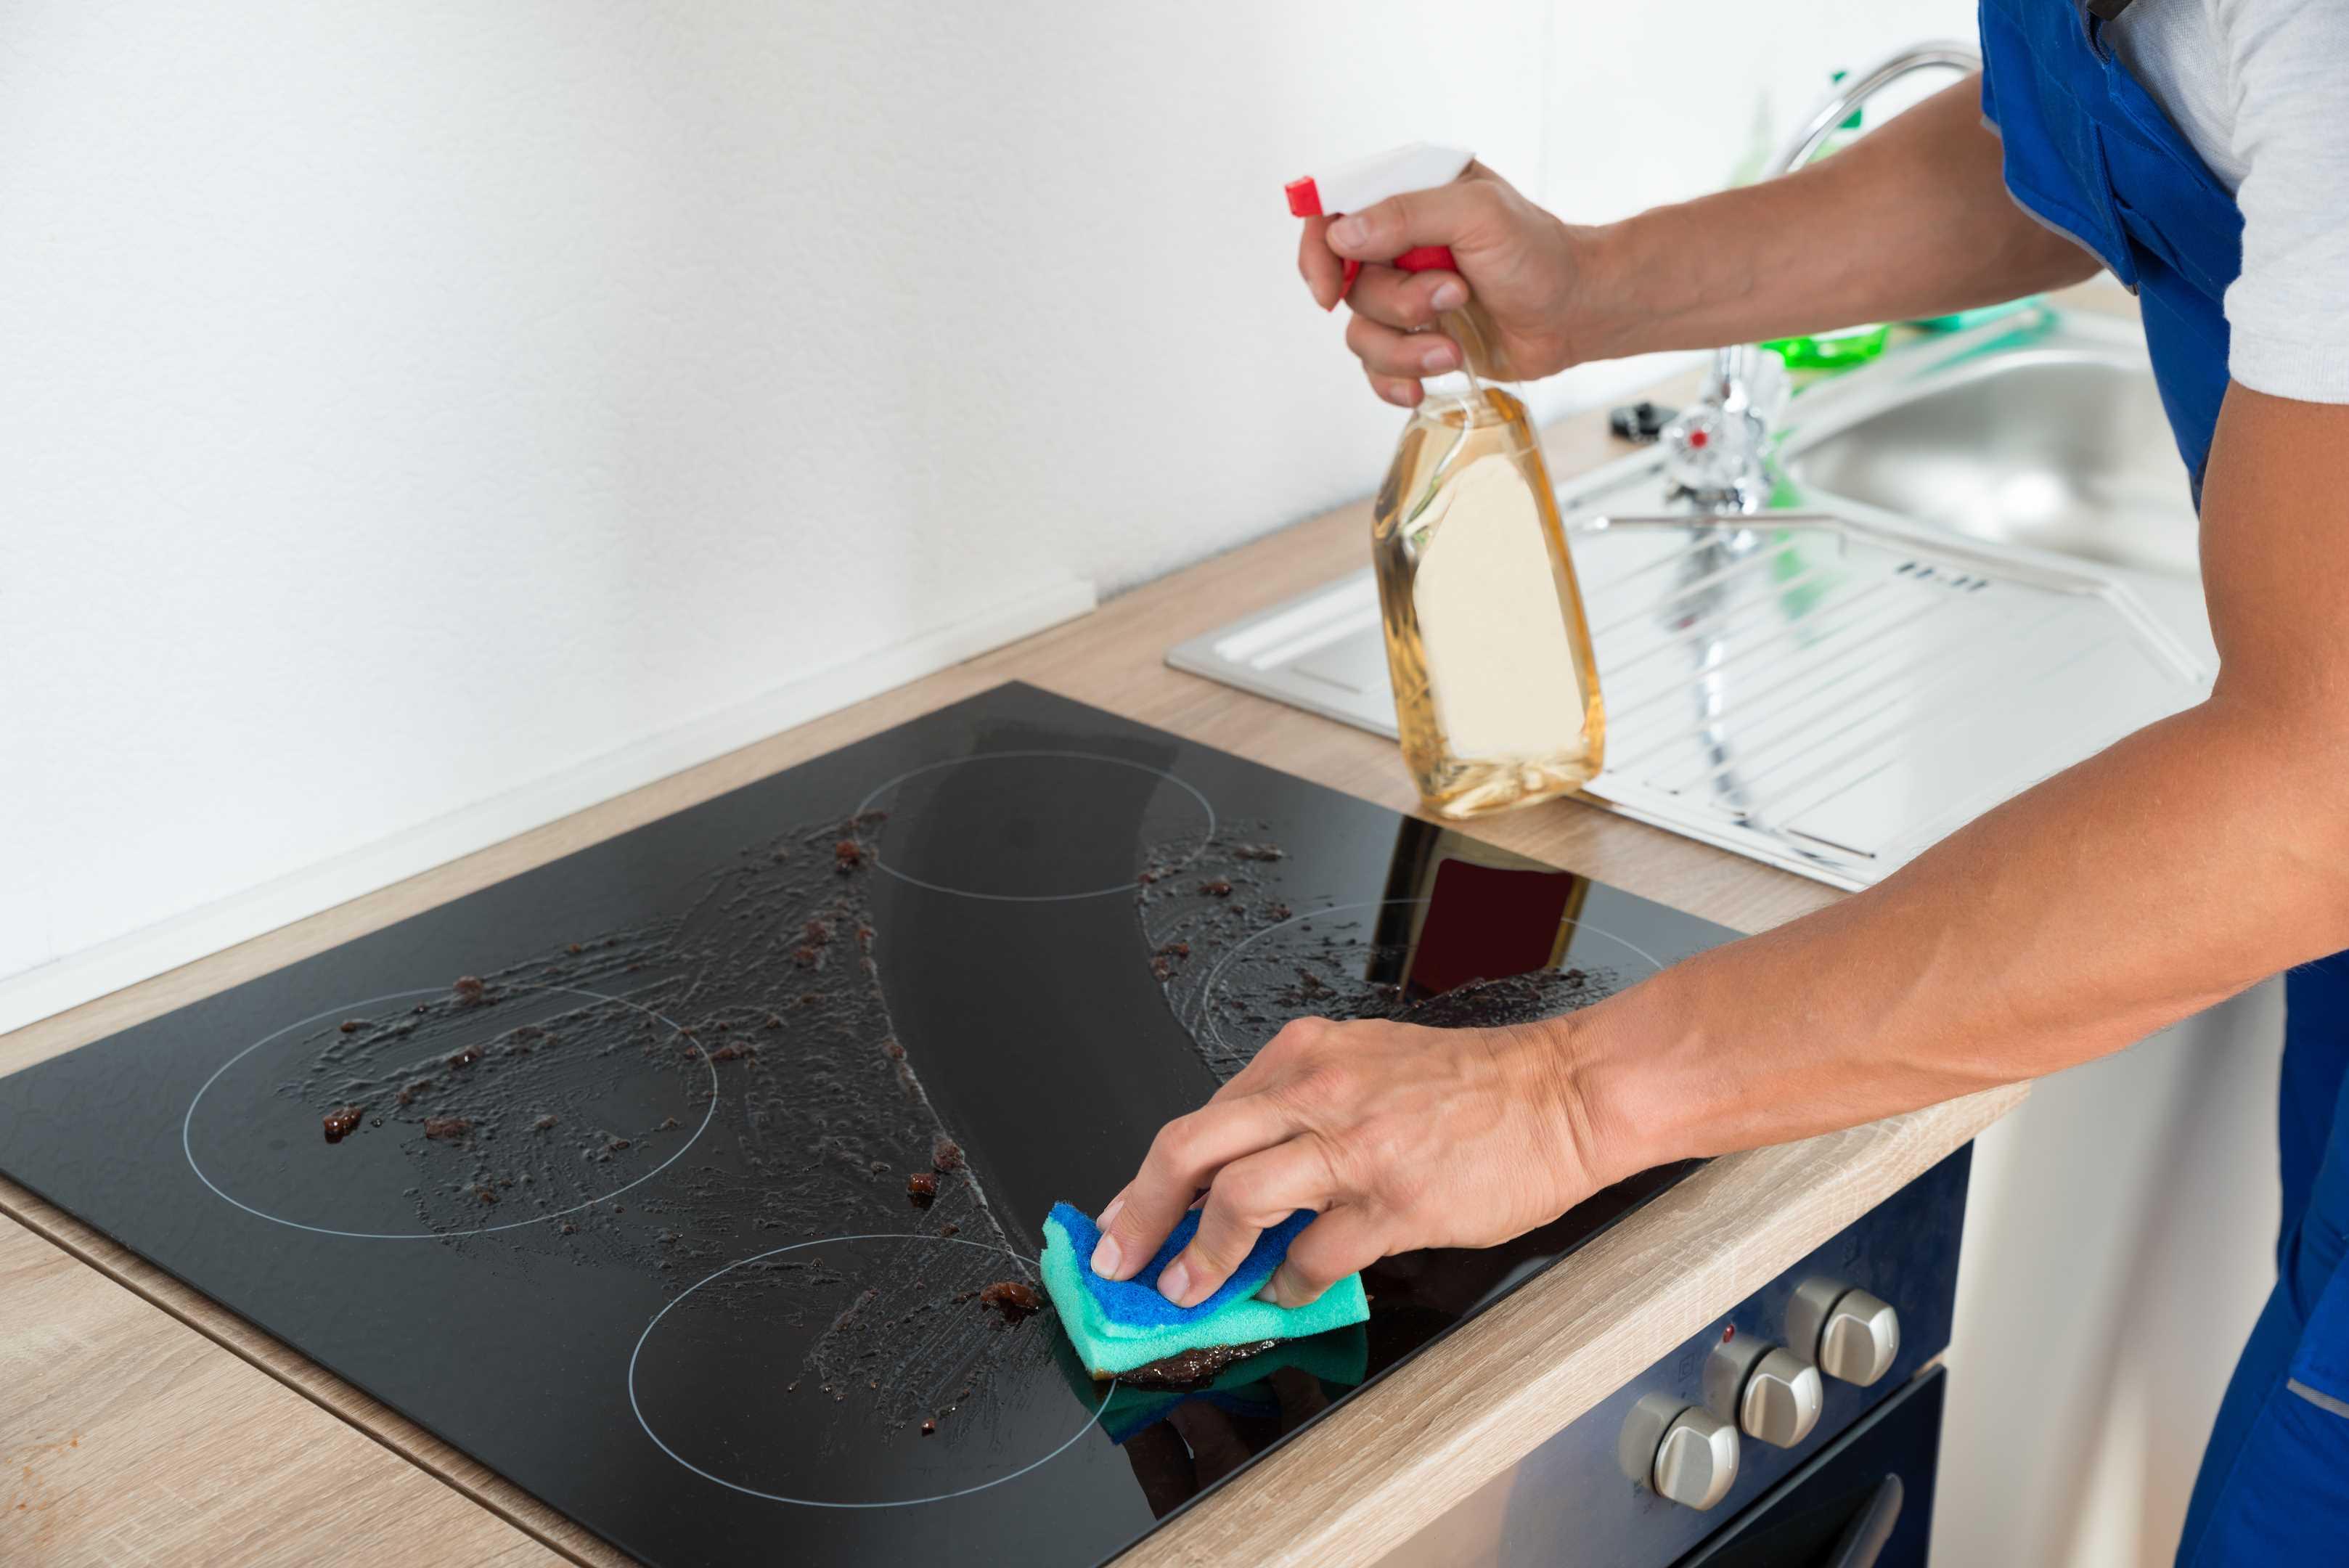 Самые эффективные способы которые помогут очистить стеклокерамическую поверхность плиты от жира и нагара в домашних условиях Лучшие народные средства в борьбе с застарелыми загрязнениями для варочной поверхности из стеклокерамики